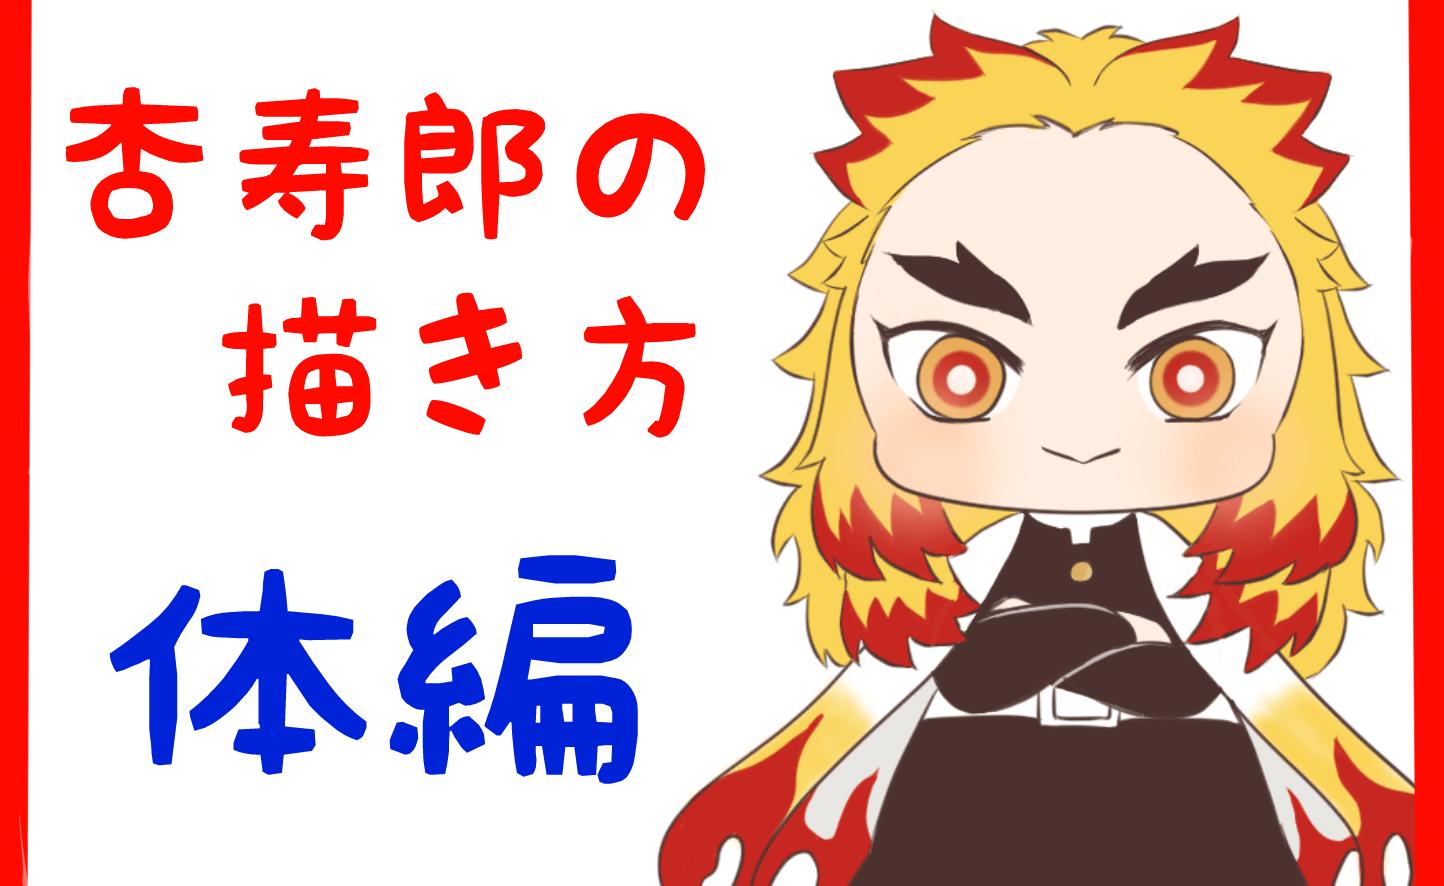 杏 鬼 刃 イラスト 滅 寿郎 の 煉獄